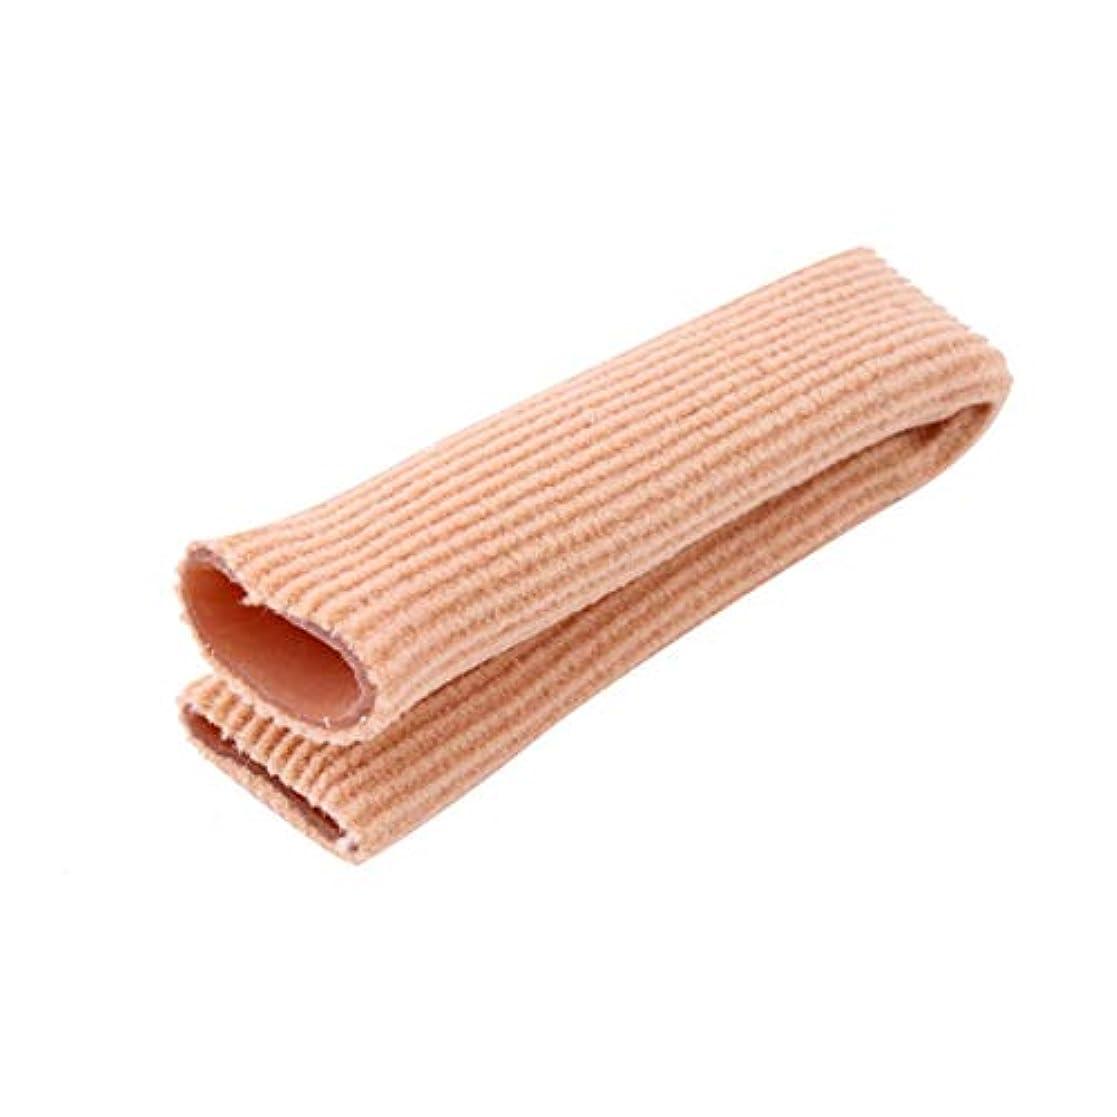 寄付するセンチメートル予約ファブリックジェルチューブ包帯フィンガー&トゥ保護フットフィート痛み緩和フィートケア用インソール15CMフィートガード